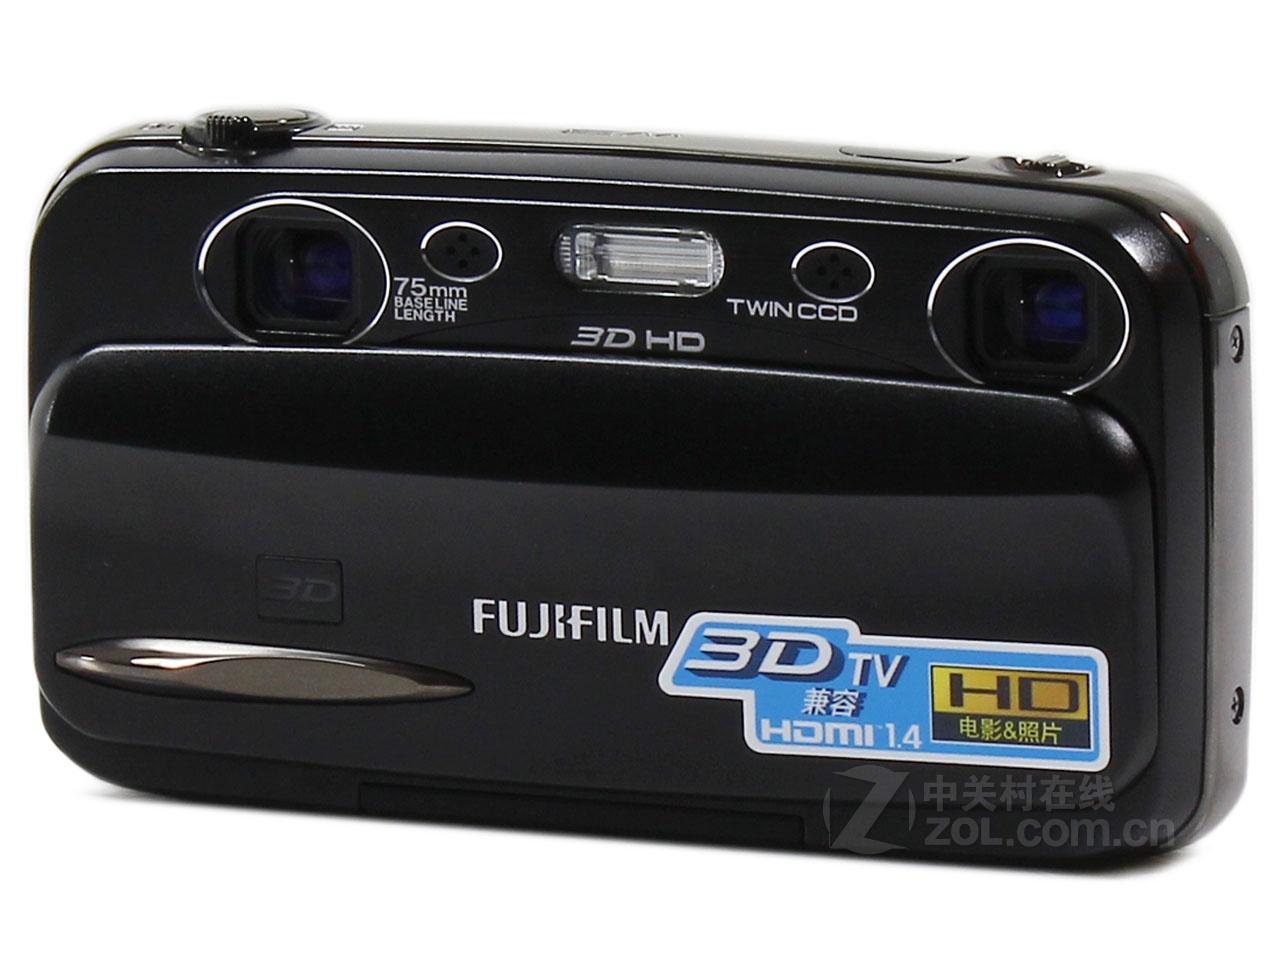 近年随着3D电影日趋火爆,无论是电视还是显示器甚至是笔记本电脑都玩起了3D,数码影像产品自然也不甘落后,许多厂家推出了试验性产品,作为3D影像类产品的探路者,富士公司推出其首款便携式3D数码相机W1受到了广泛的关注,继而于2010年8月推出了升级产品FUJIFILM FINEPIX REAL 3D W3,率先走上数码影像产品真正的3D之路。 在核心硬件配置方面,FINEPIX REAL 3D W3继承了富士3D影像系统独特的双镜头+双感光元件结构,两个镜头和两个感光元件在拍摄时协同进行同步控制,用以防止所